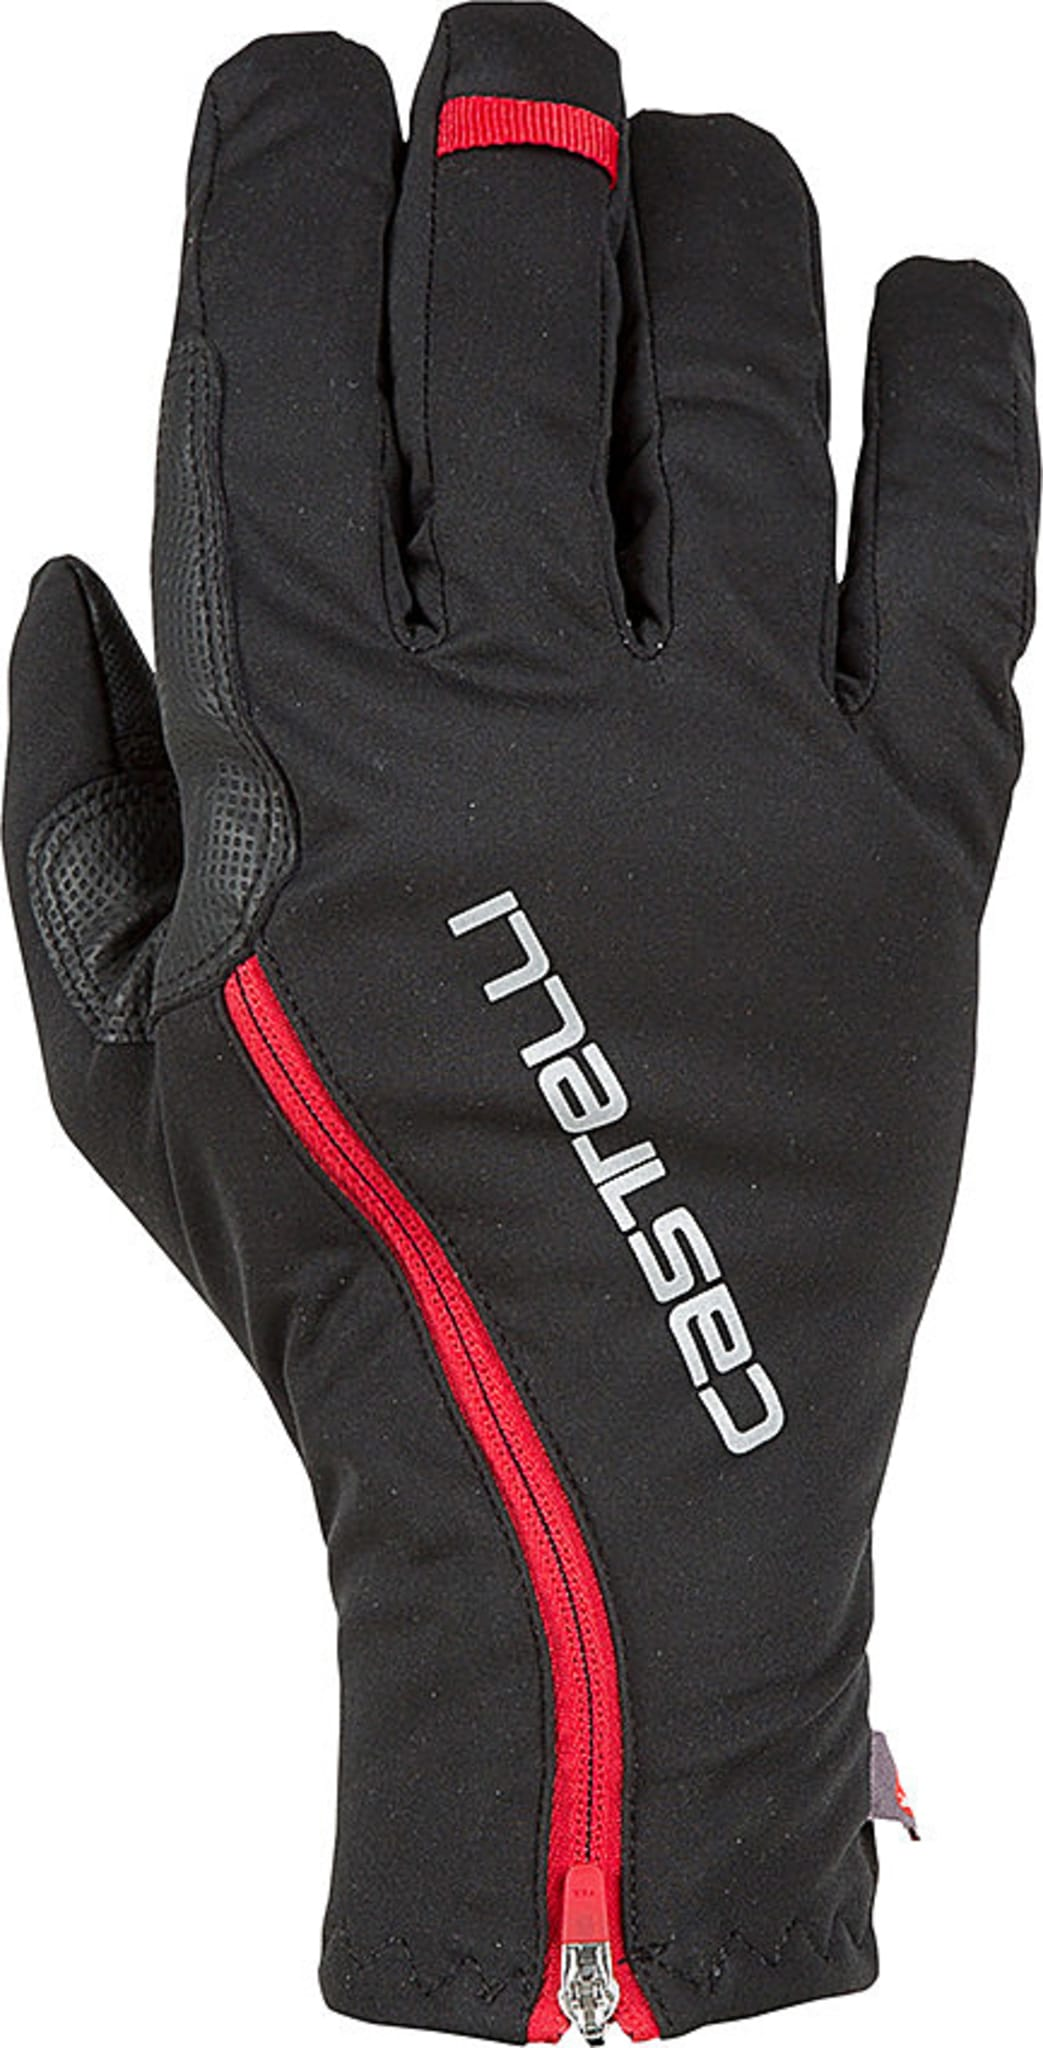 Spettacolo RoS Glove